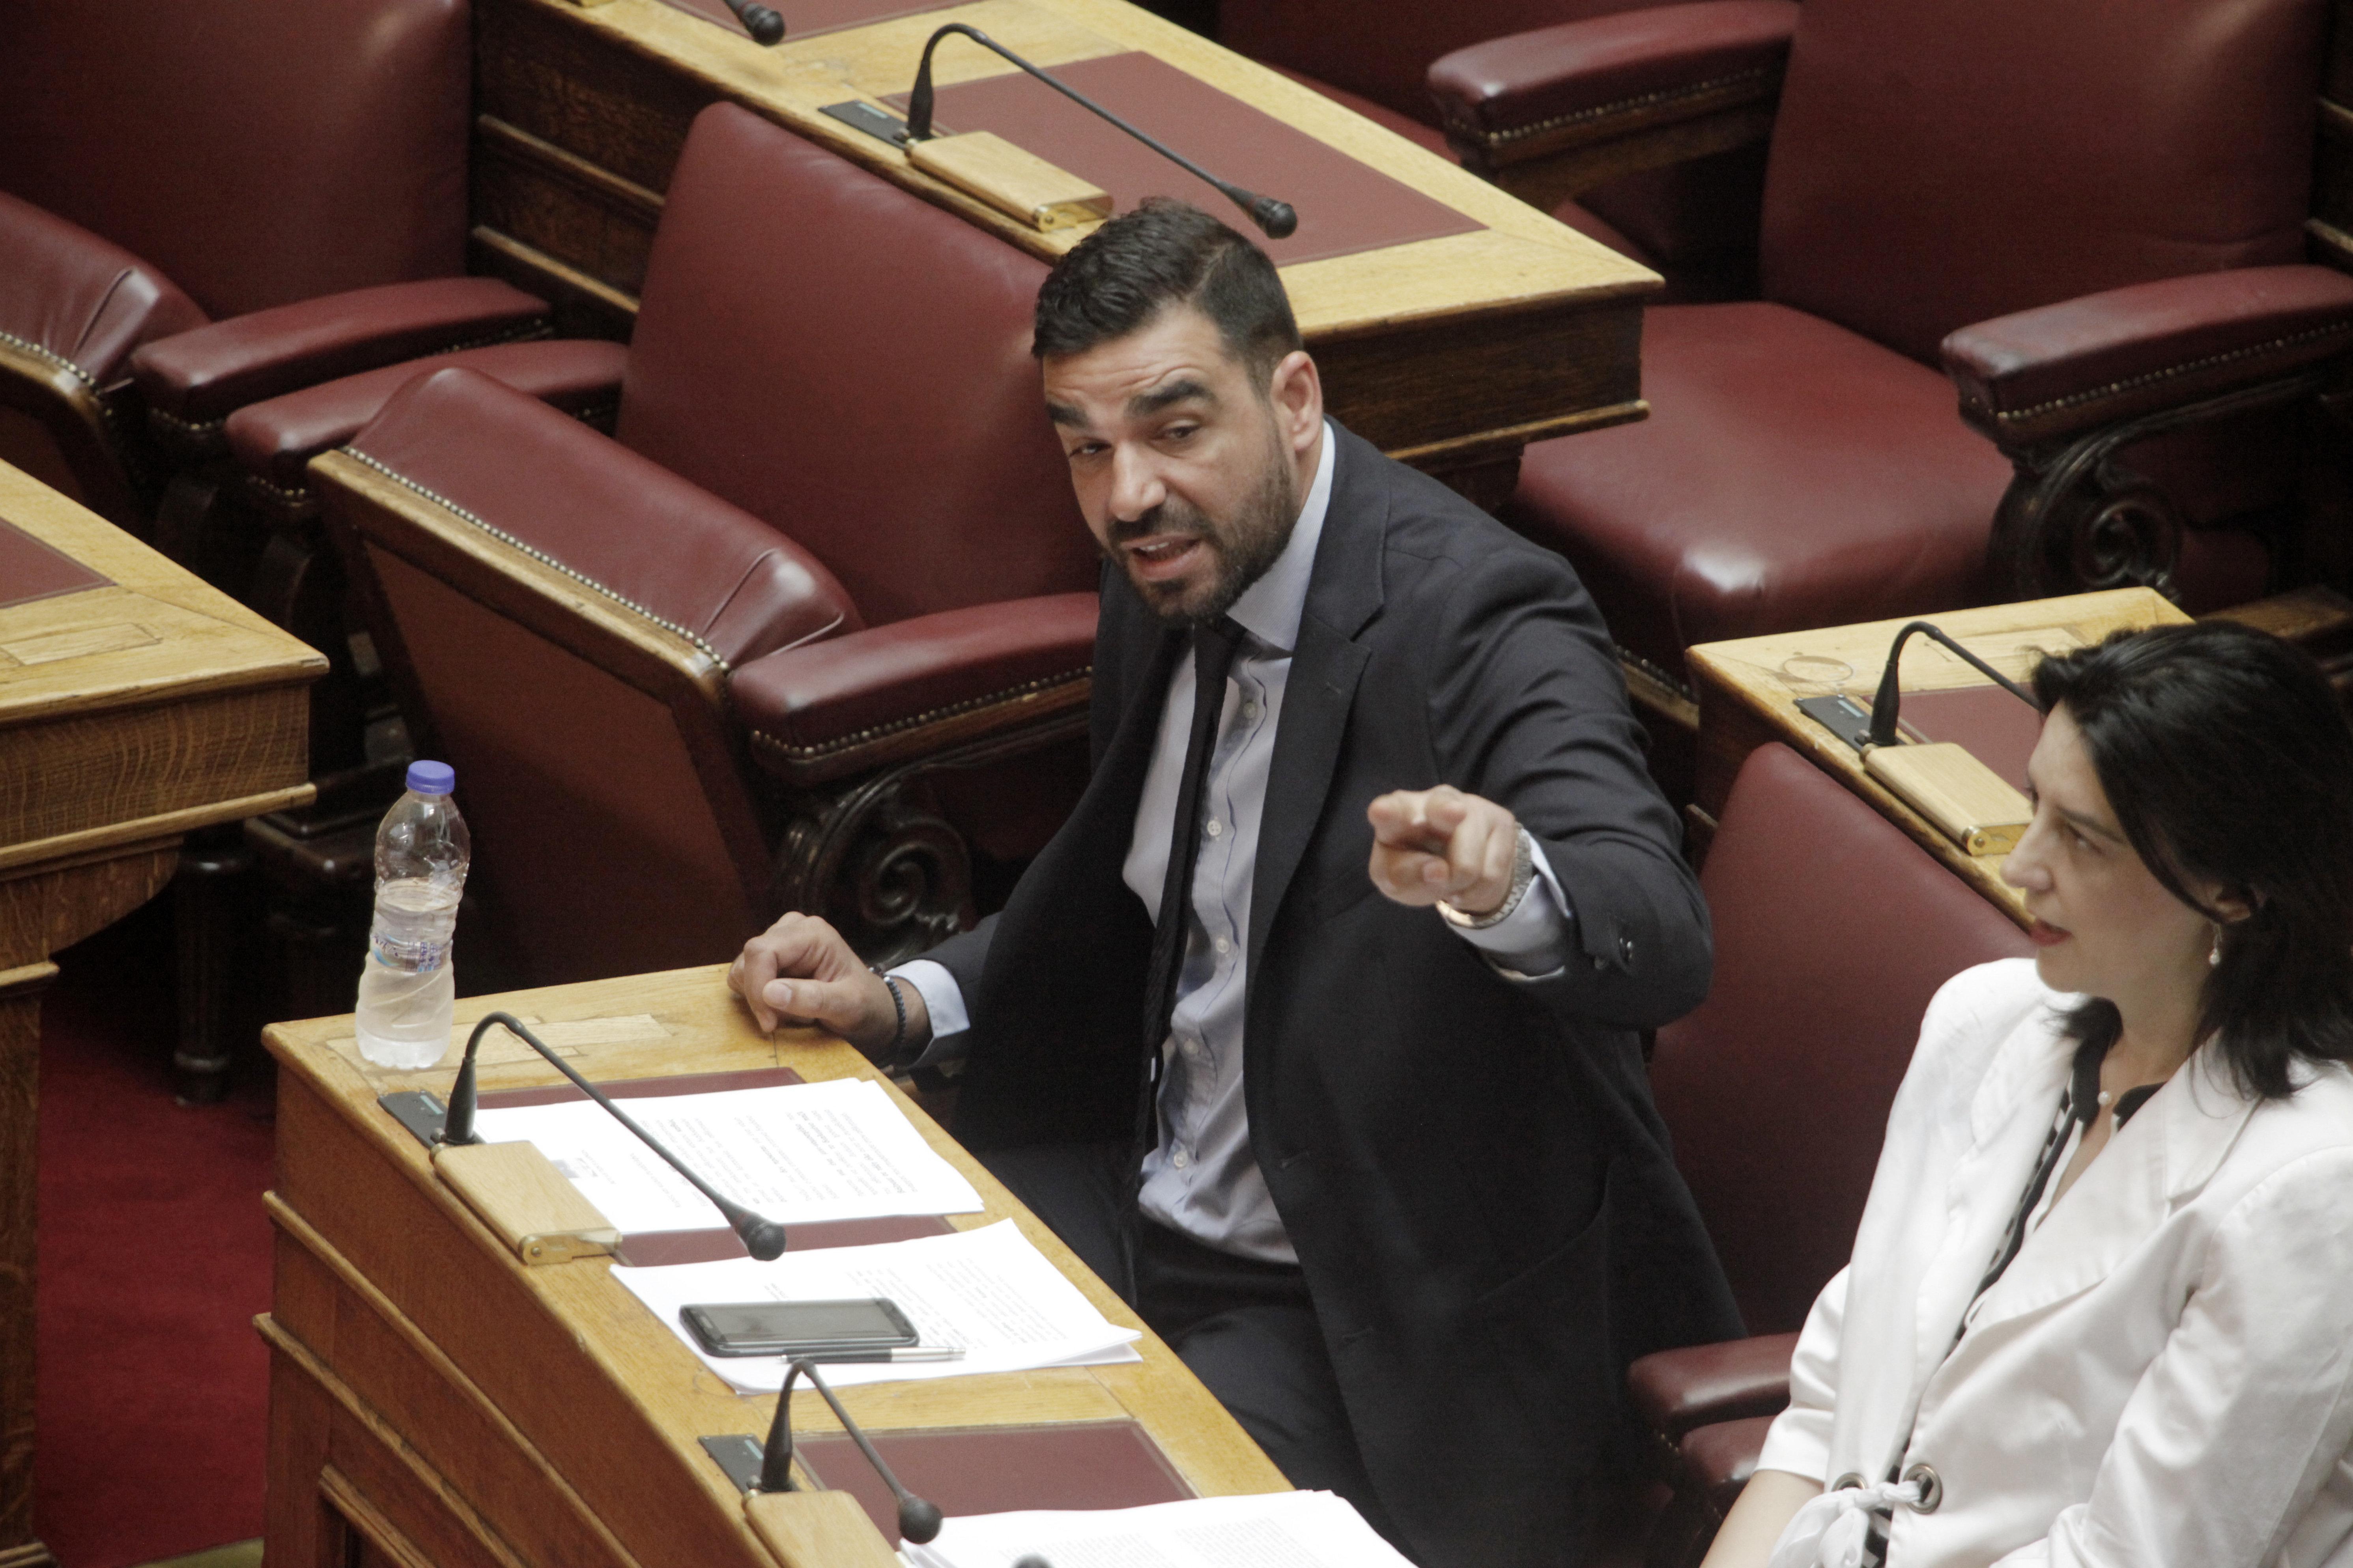 Επίθεση στο βουλευτή Κωνσταντινέα: 20 προσαγωγές, 10 ταυτοποιήσεις από την